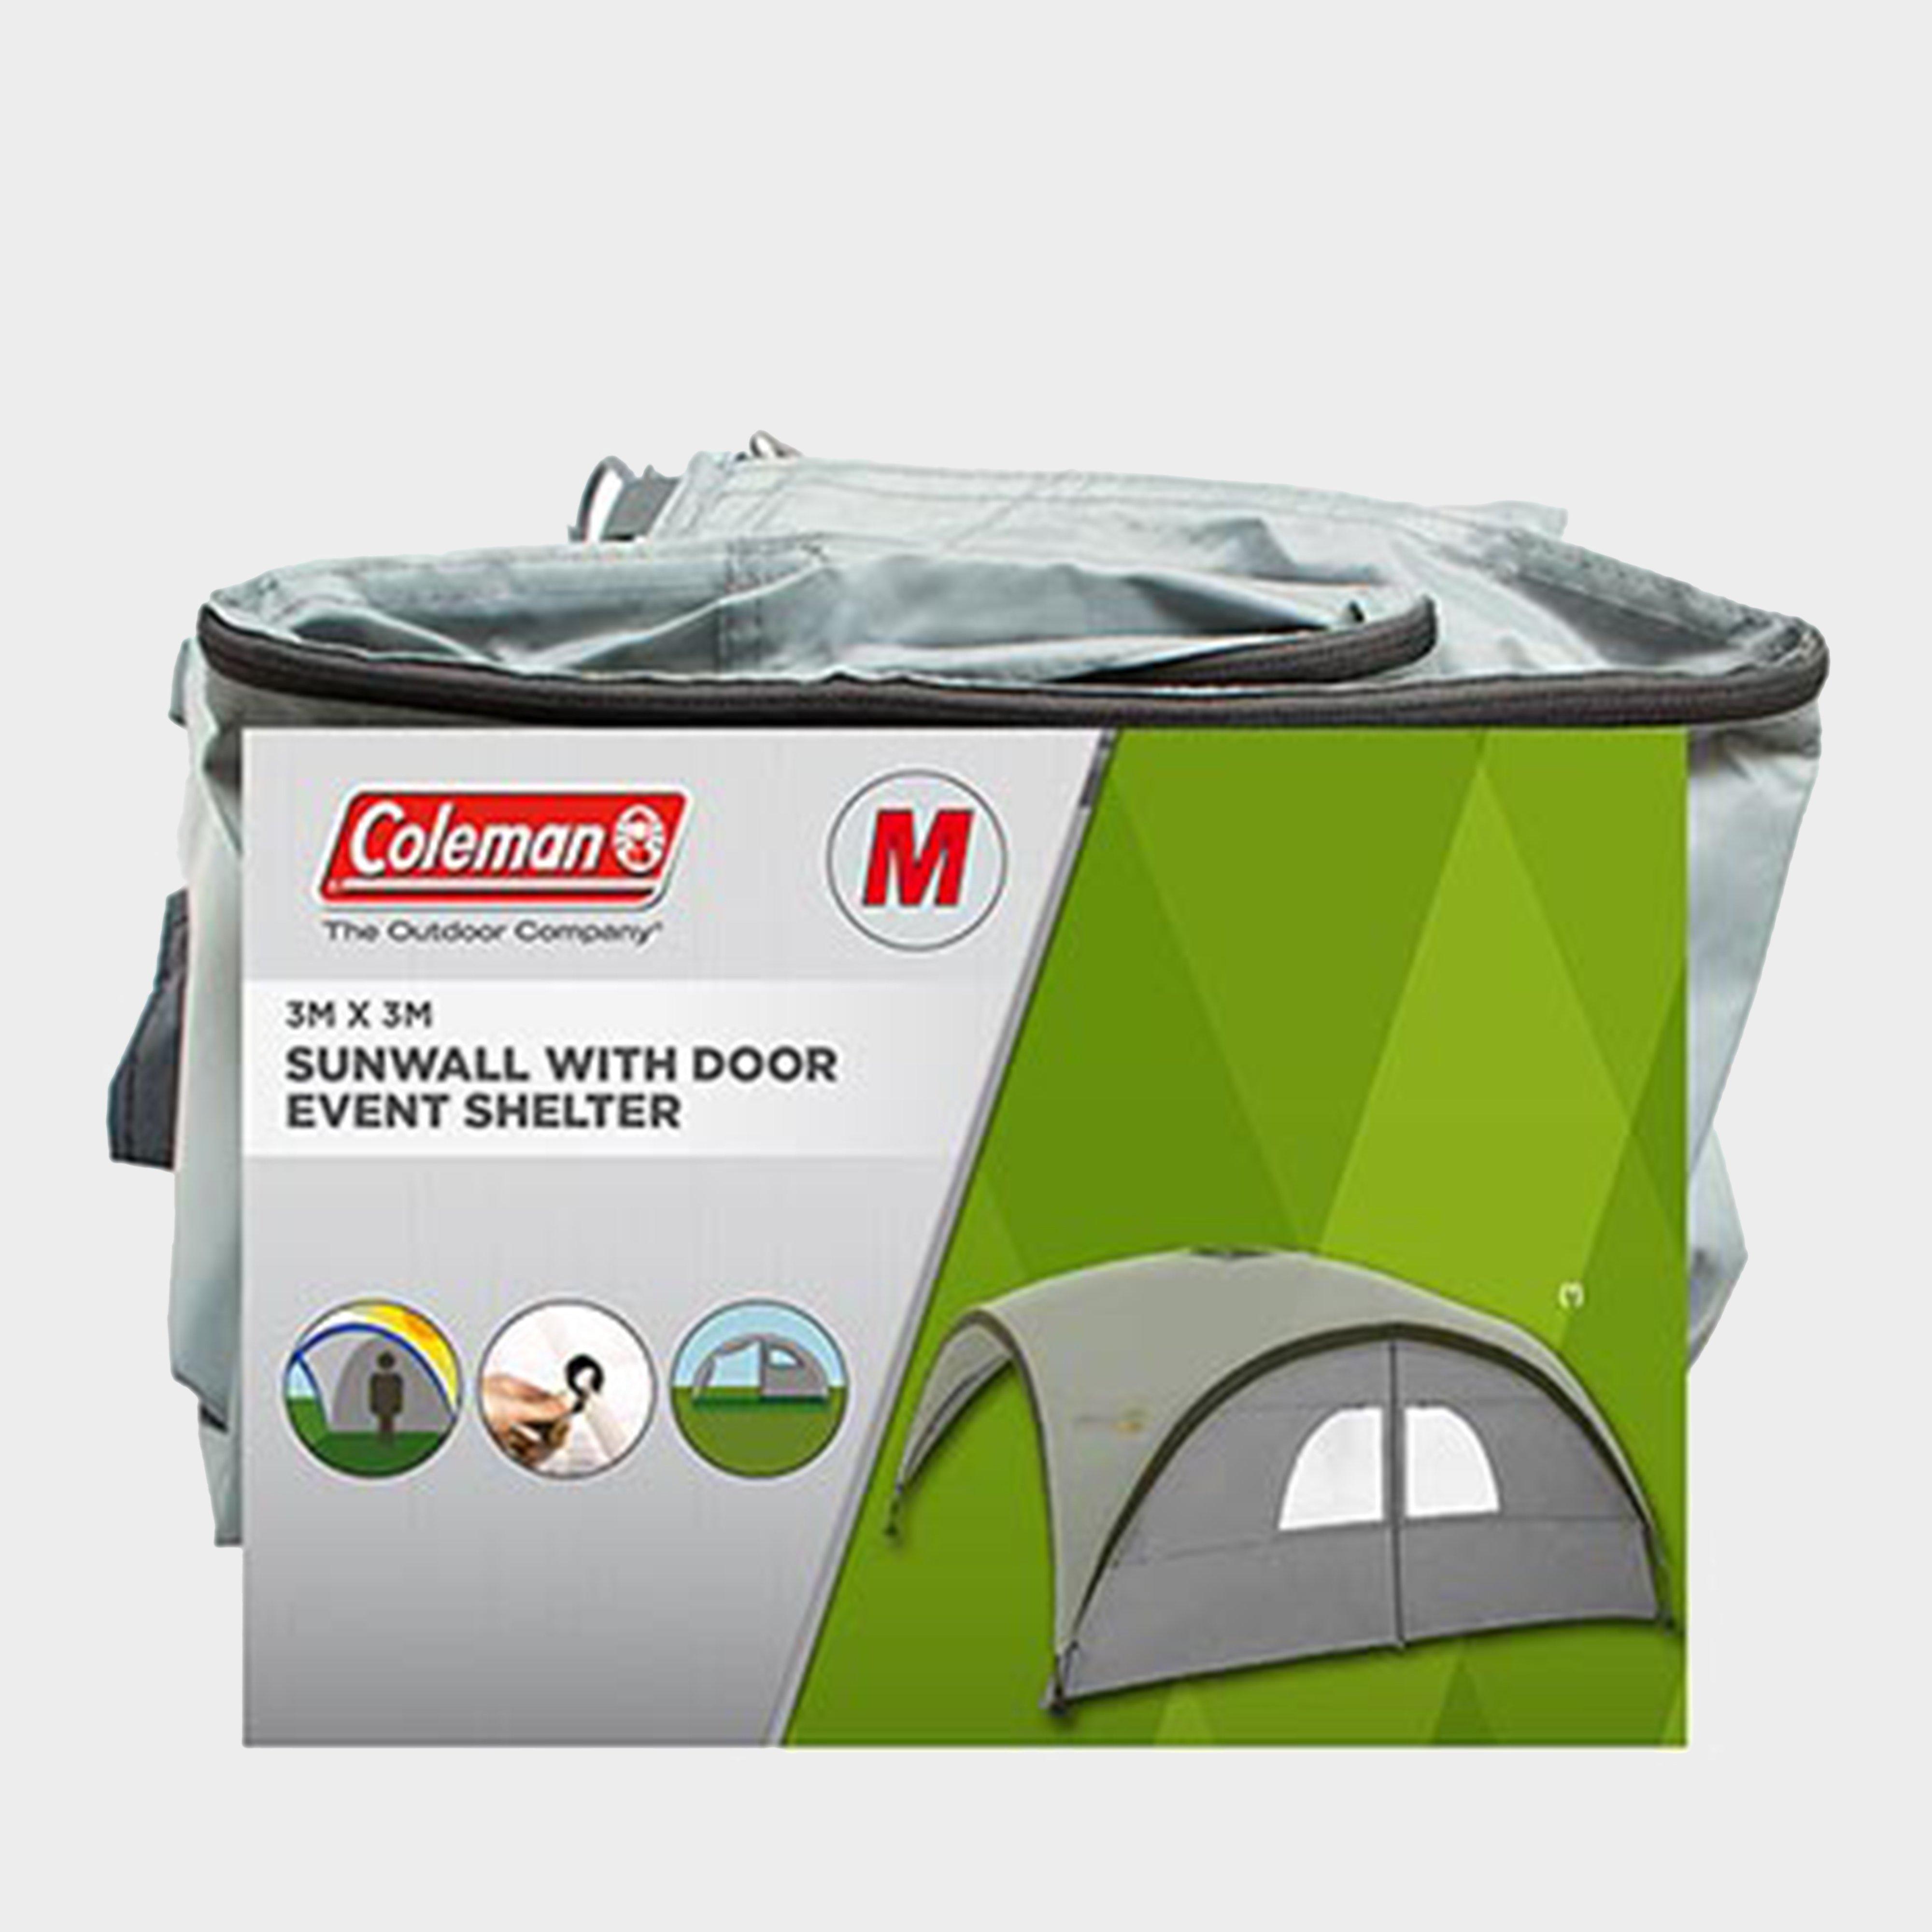 Coleman Event Shelter Pro M Sunwall Door - White/sundo  White/sundo